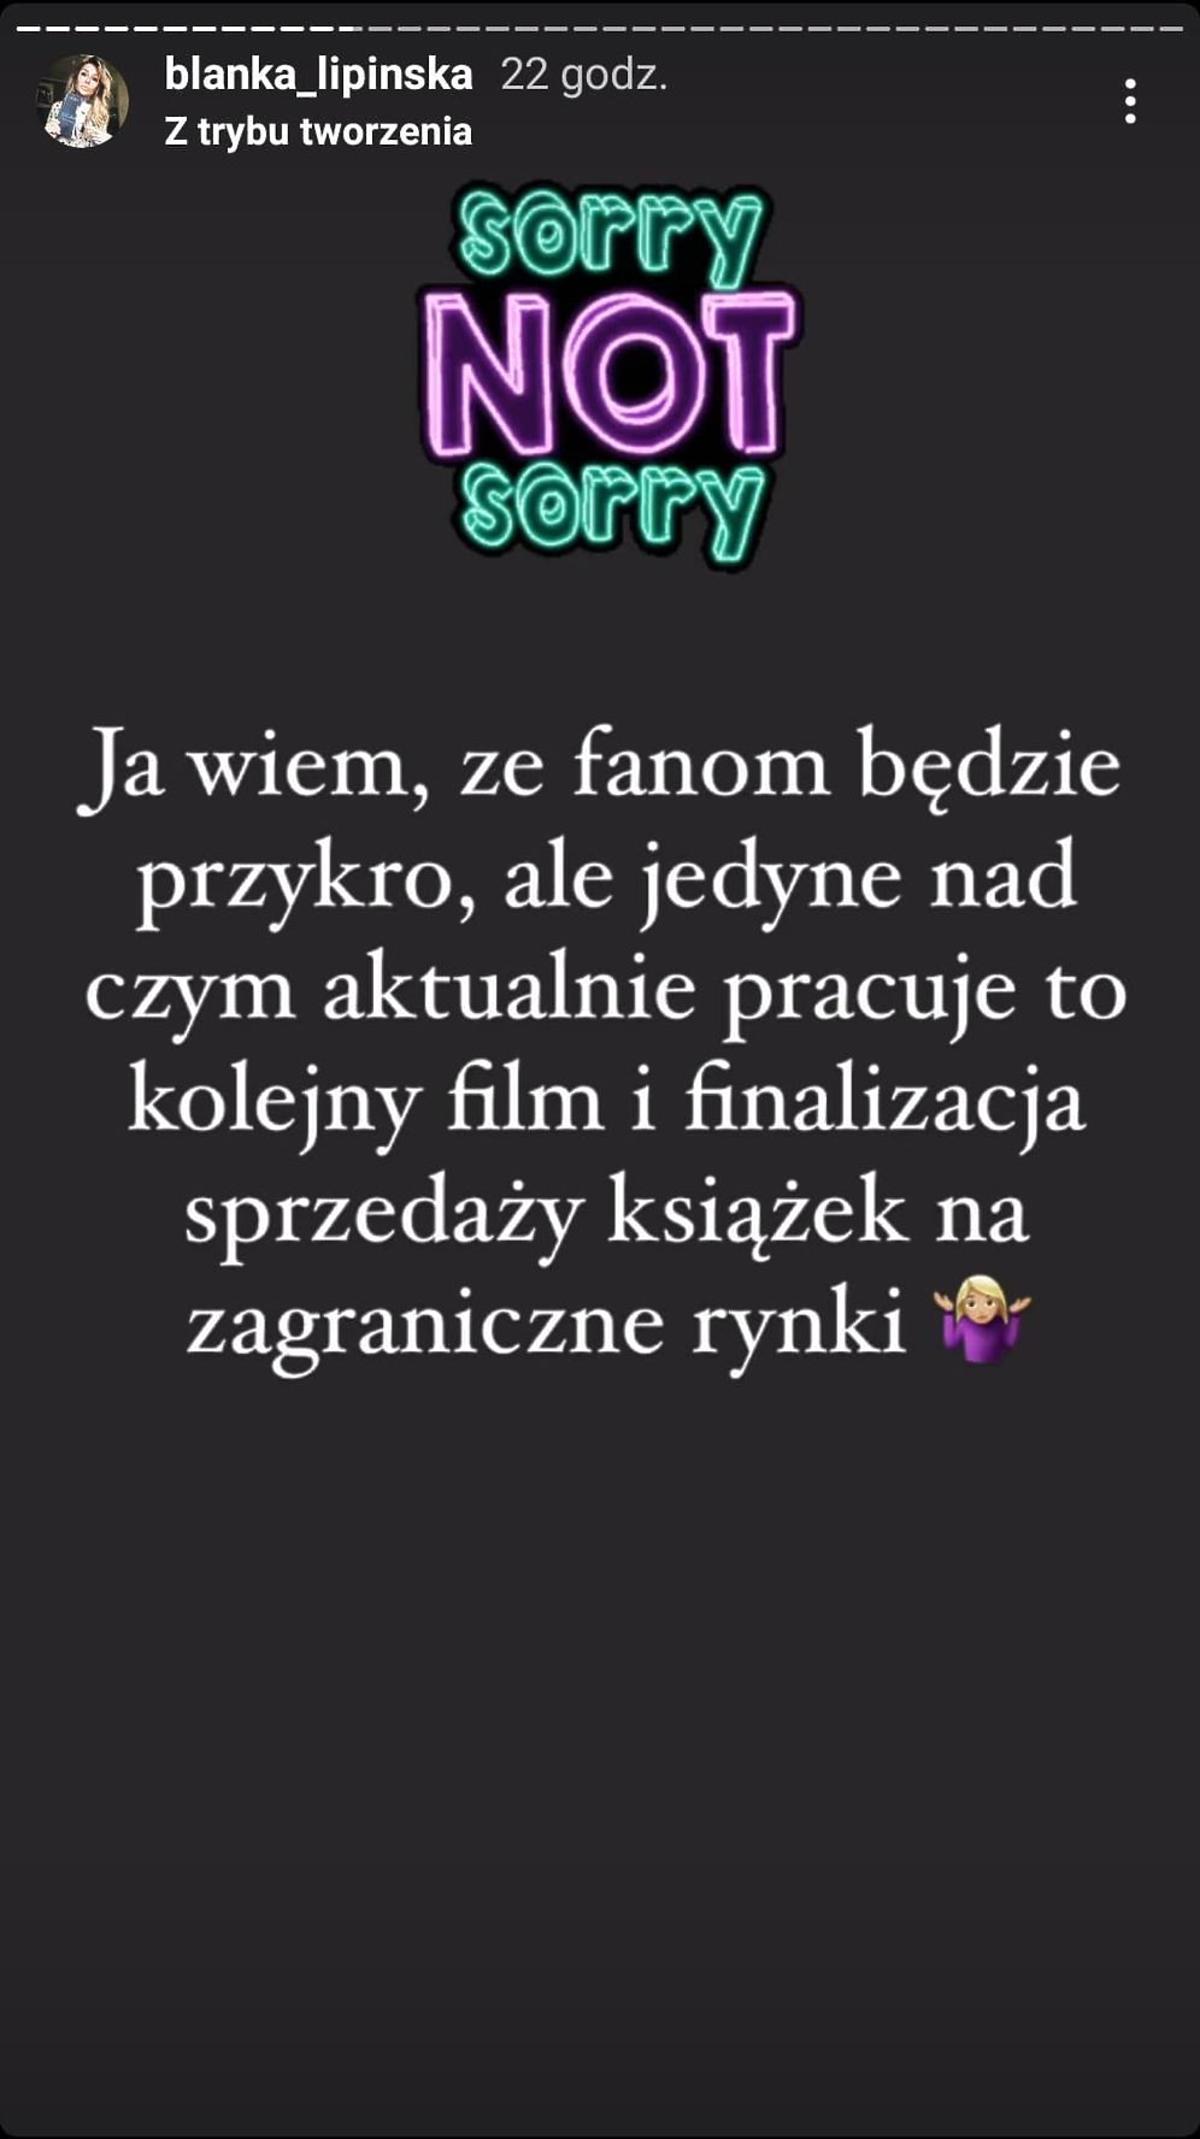 """Blanka Lipińska napisze książkę inspirowaną Baronem? Aktorka """"365 dni"""" odpowiedziała"""